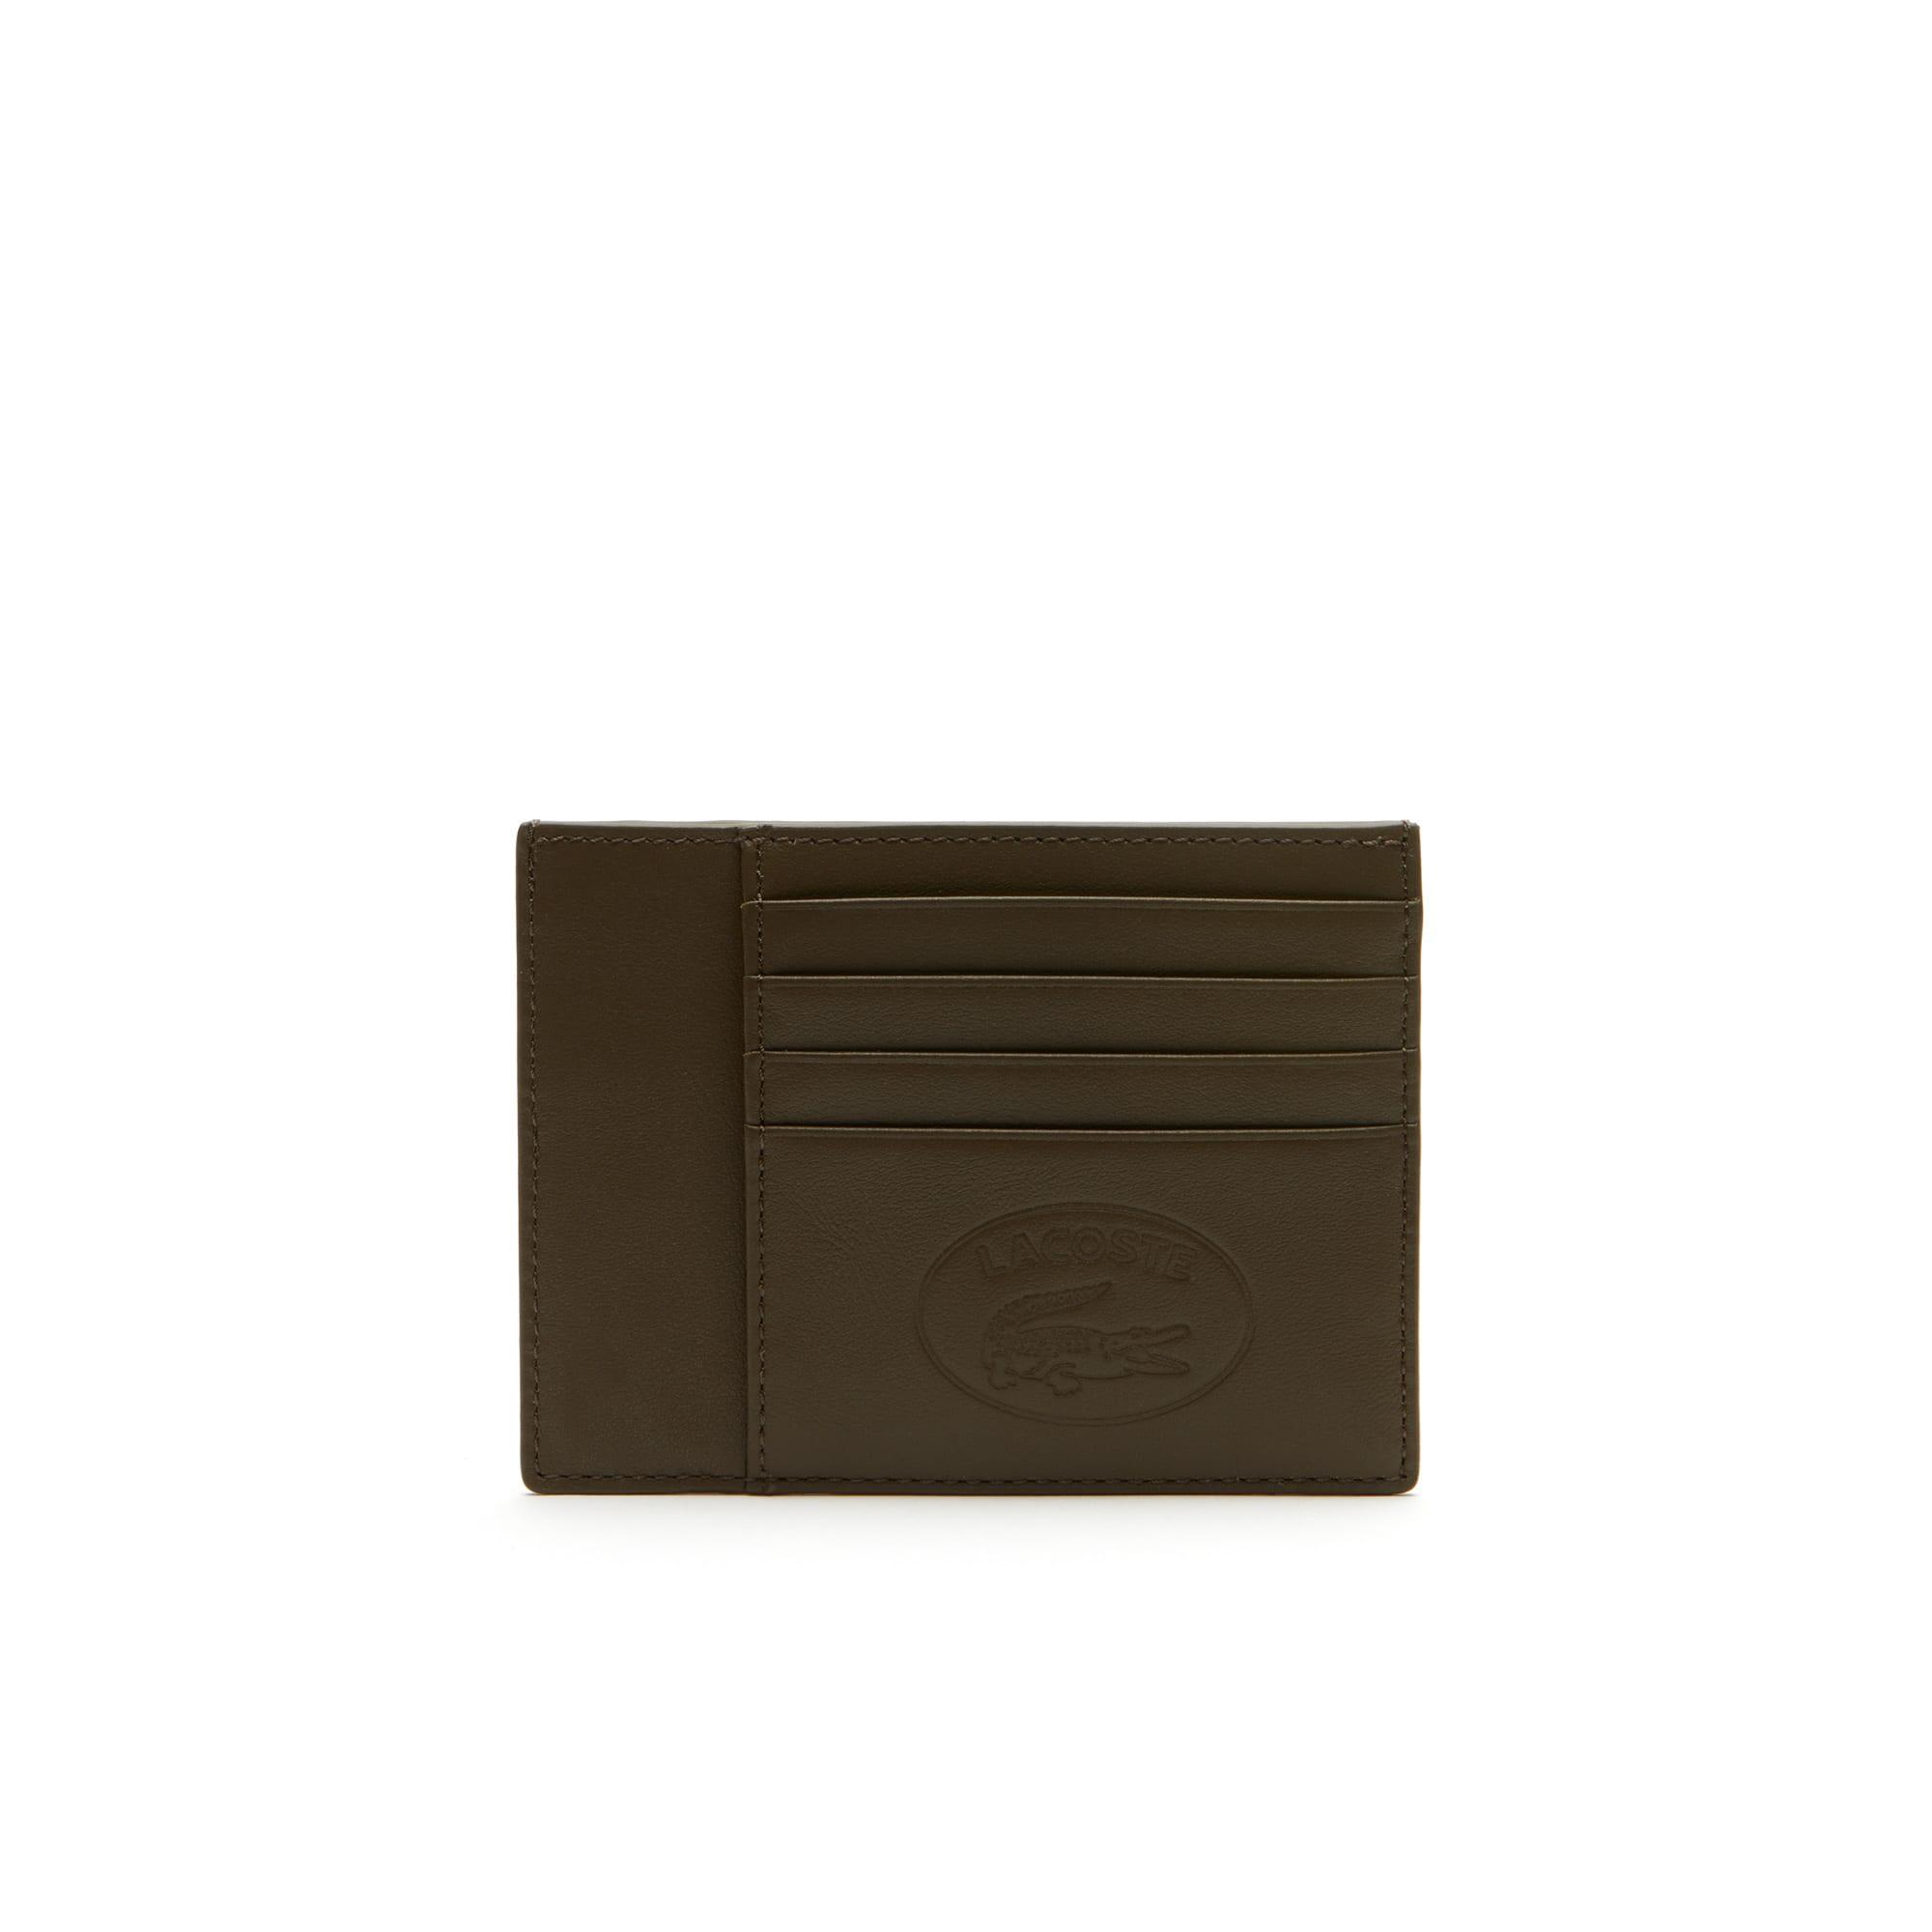 حافظة بطاقات رجالية L12.12 مع شارة